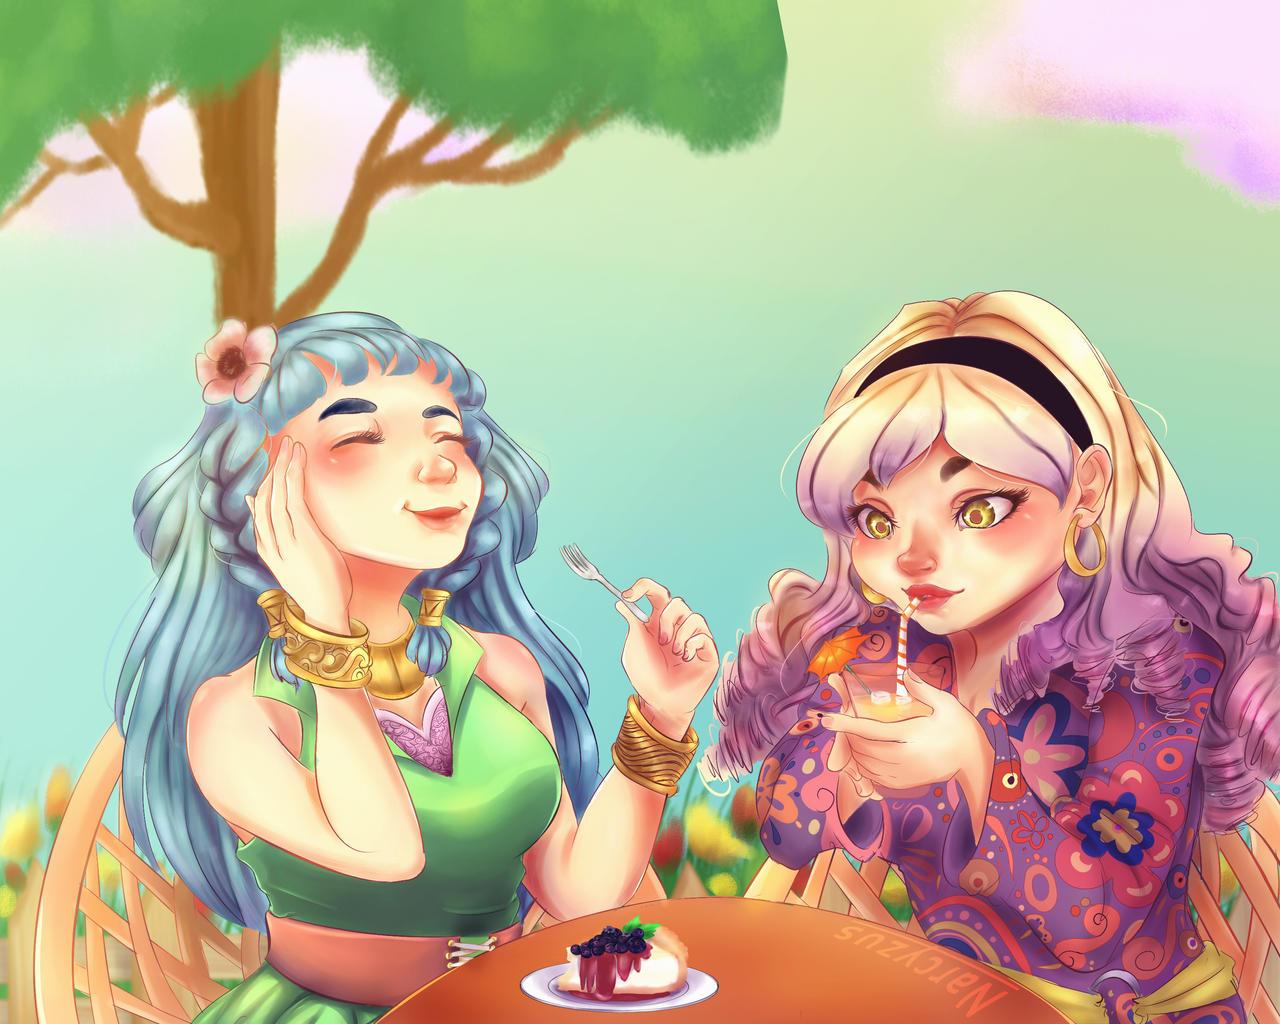 Iris and Dahlia (Fanart Contest) by narcyzus